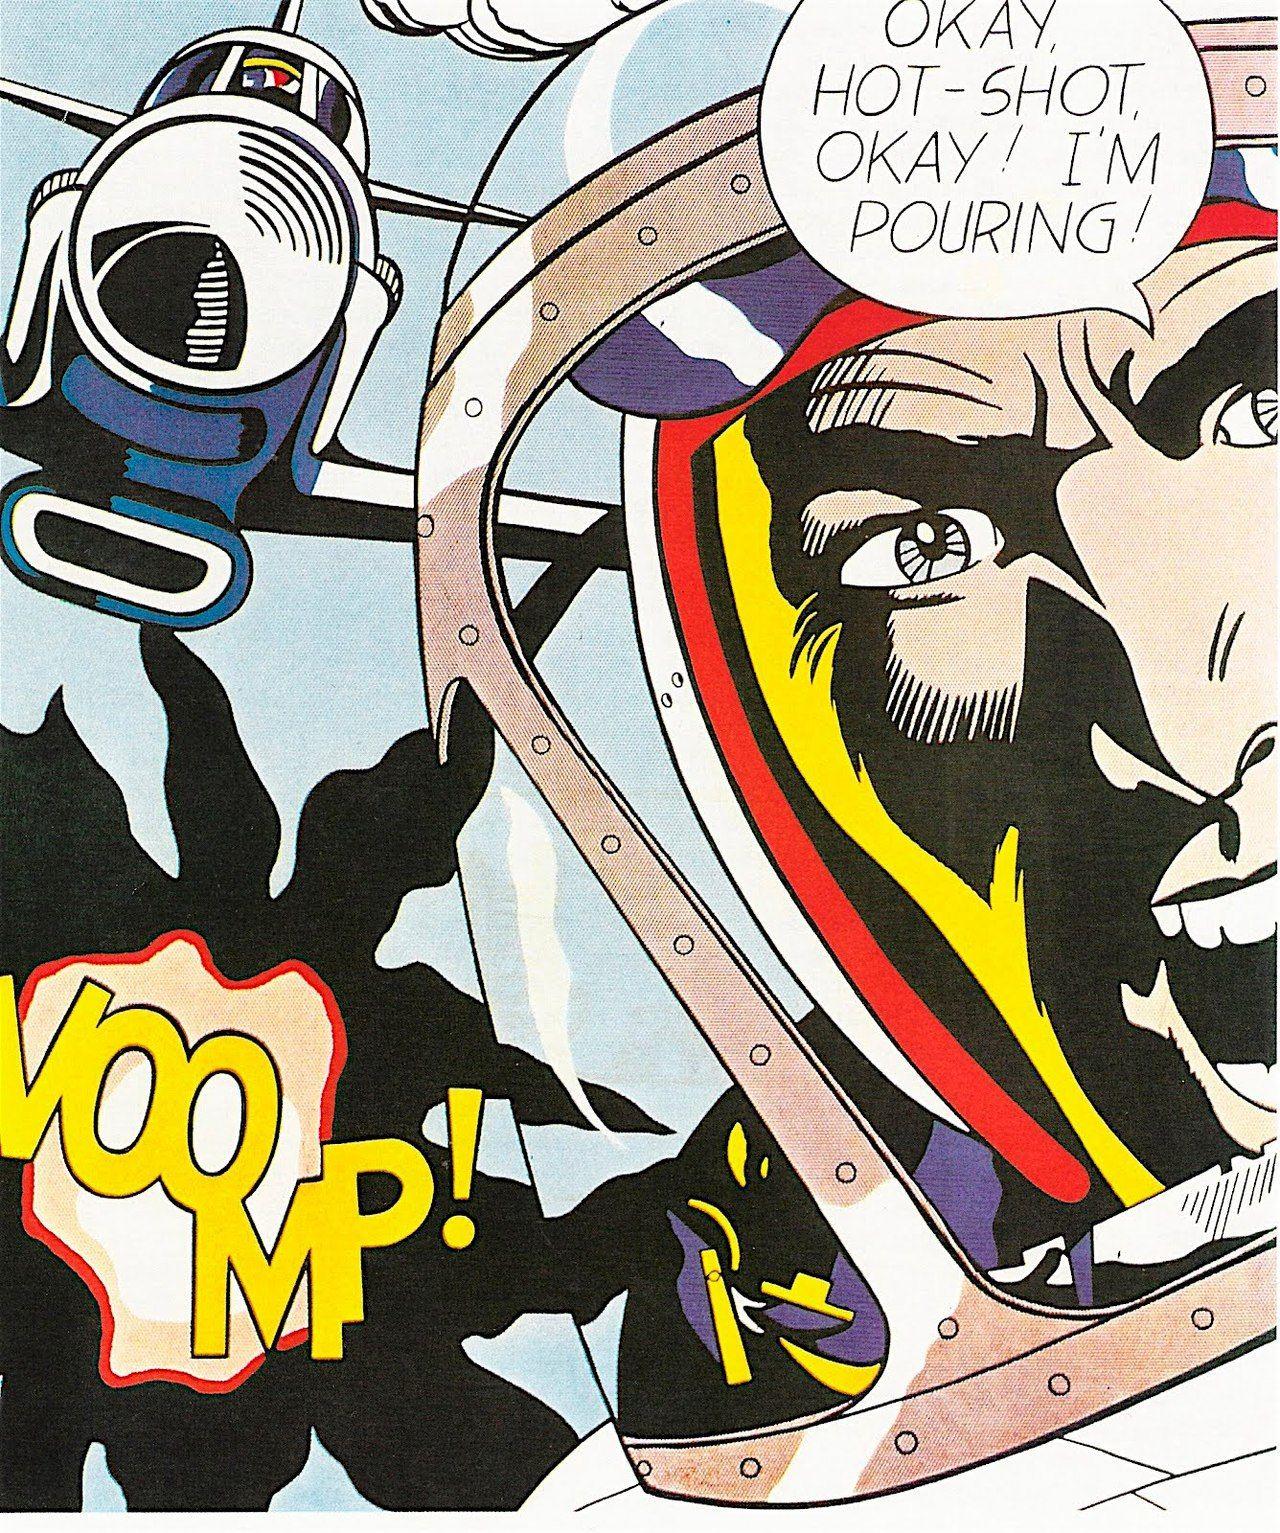 Okay HotShot, Okay! Roy Lichtenstein, 1963 Roy